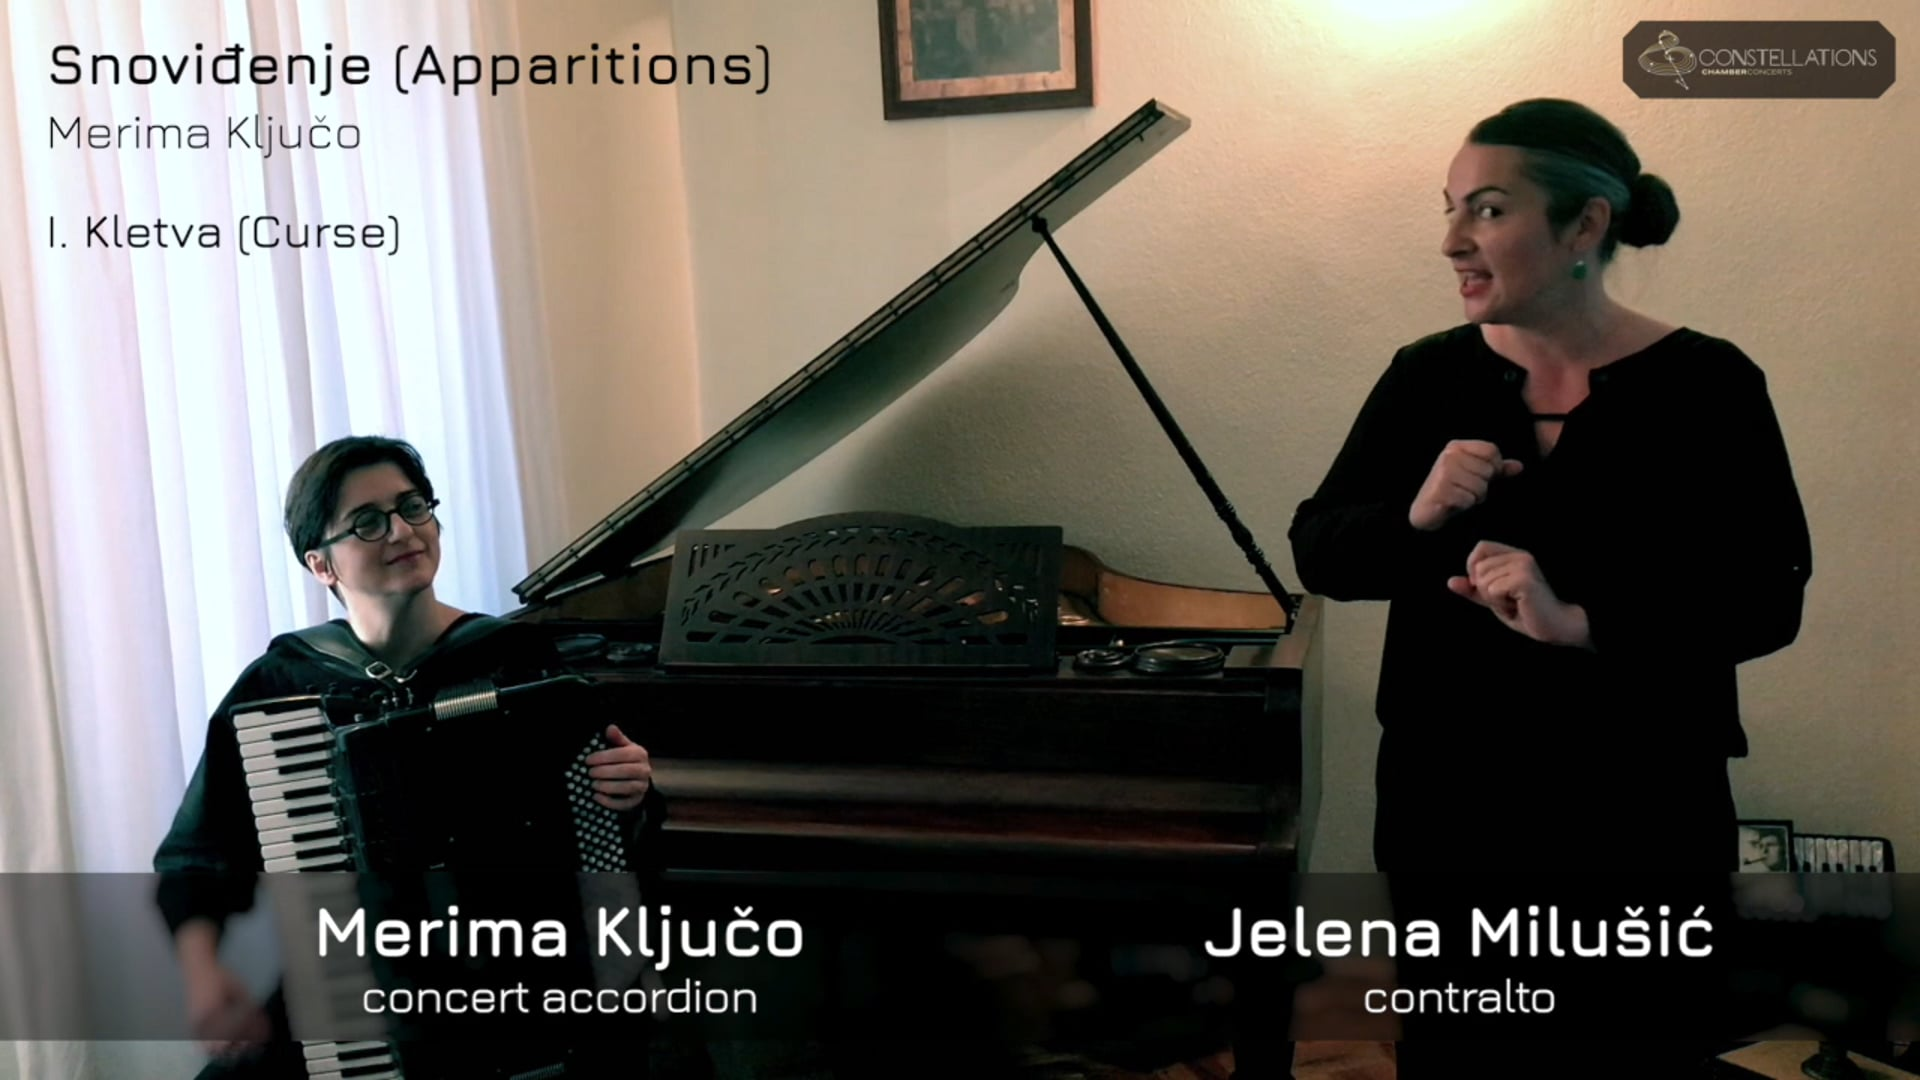 """Merima Ključo & Jelena Milušić: """"Kletva"""" (Curse)"""